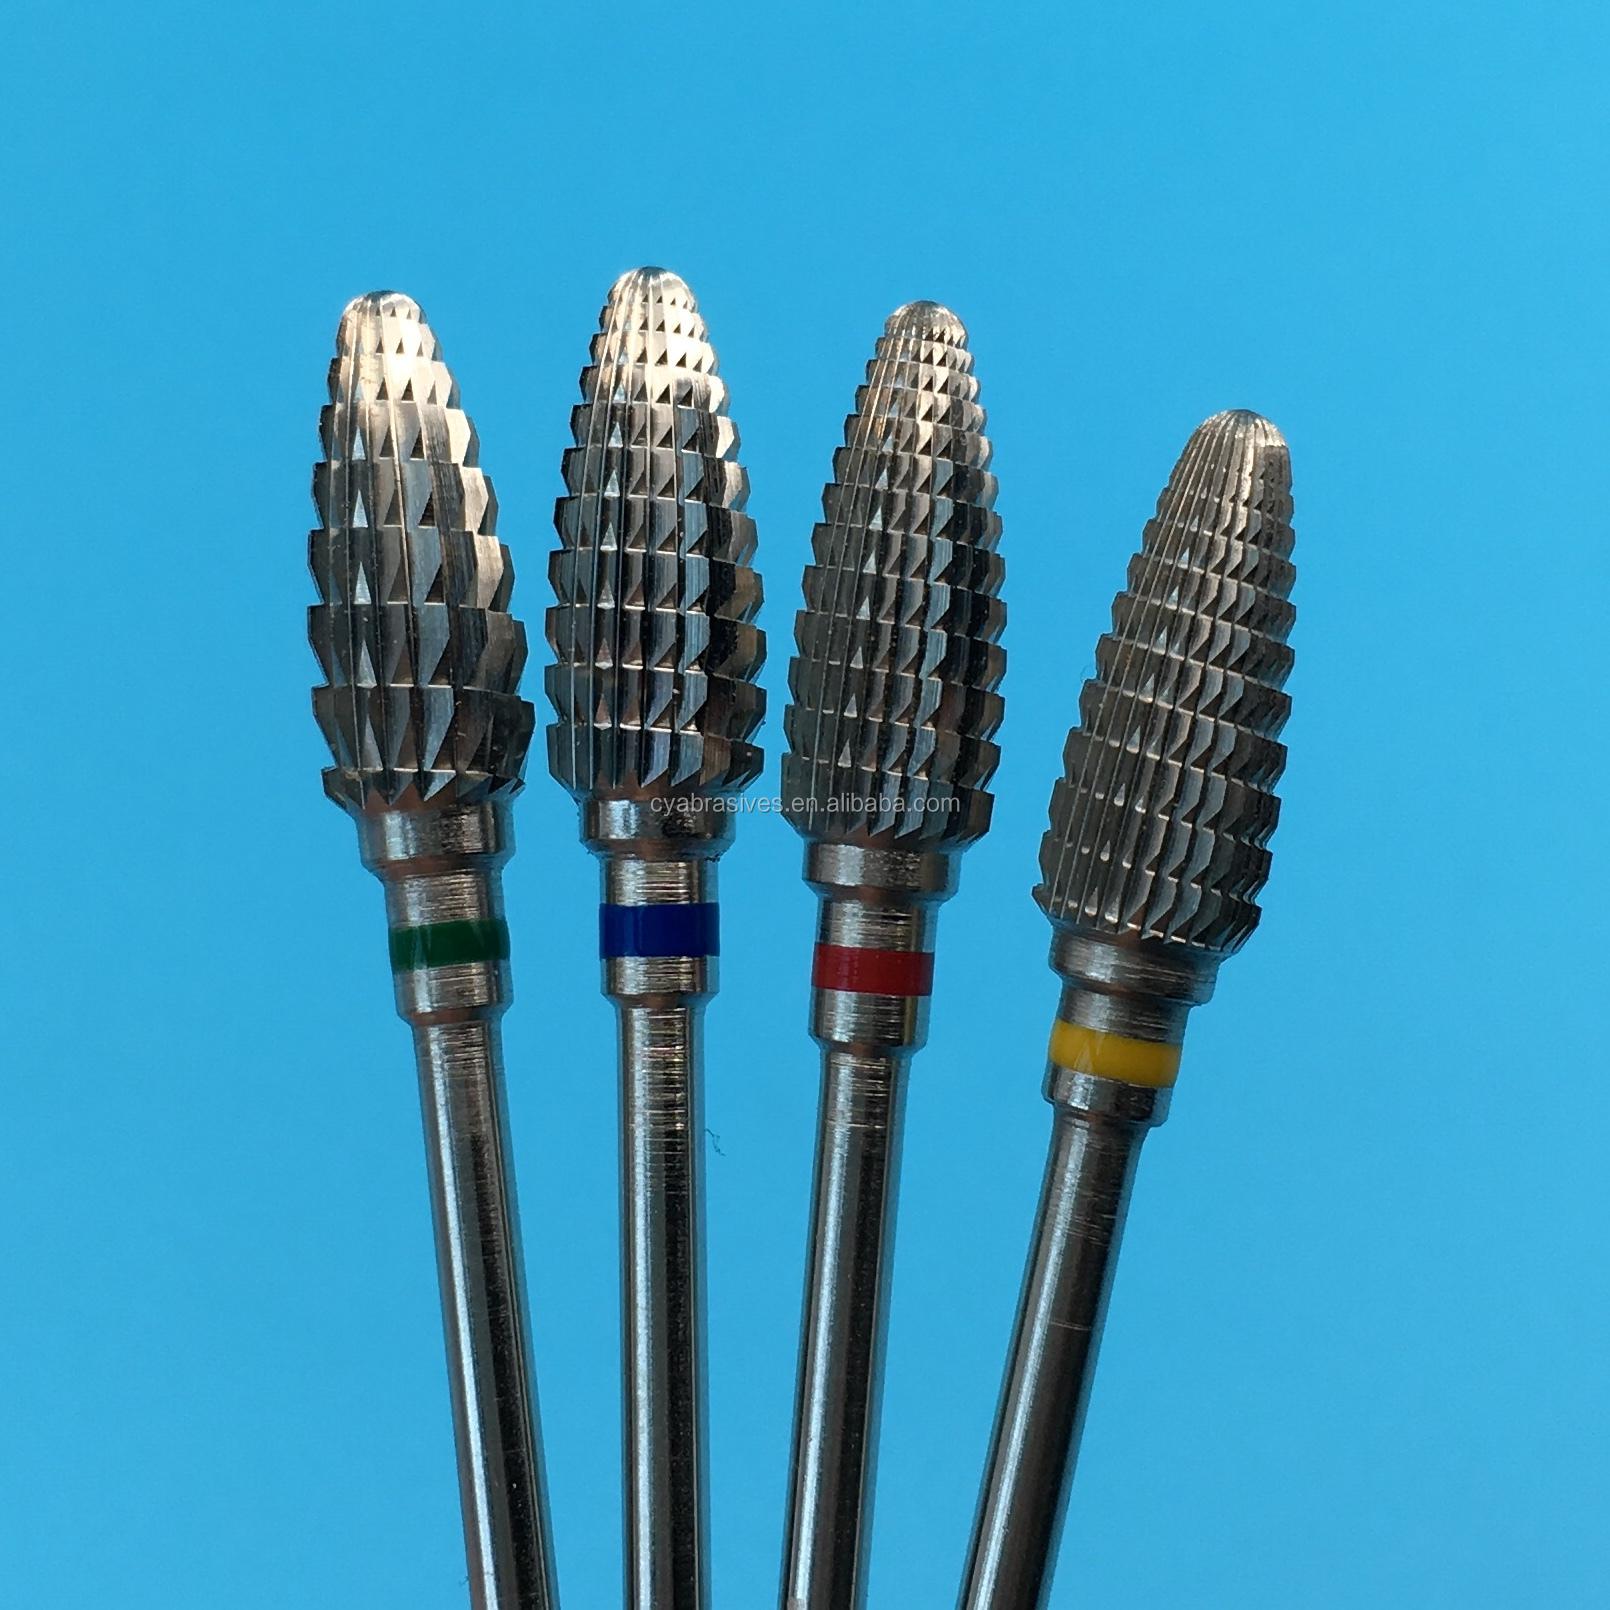 Большие конусные карбидные насадки для ногтей, карбидные вольфрамовые насадки для снятия лака для ногтей